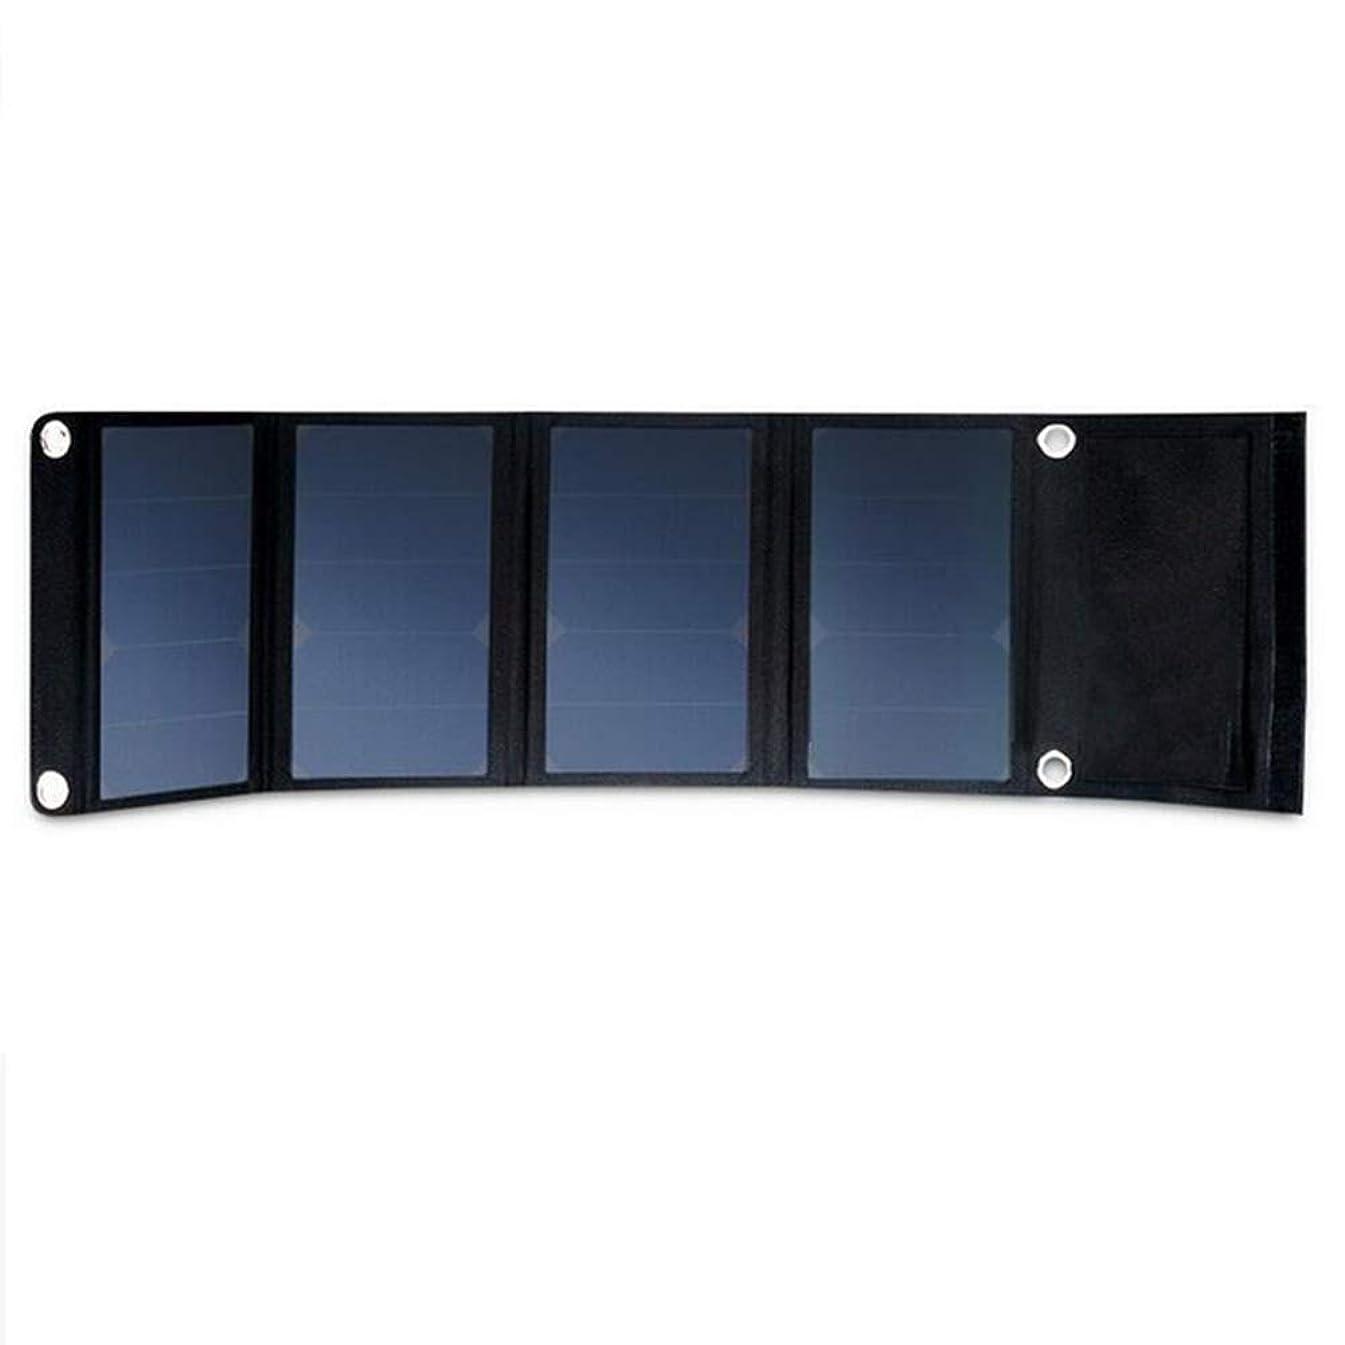 コロニー常識お願いします24W高効率ソーラーパワー銀行、折り畳み式のソーラーパネル充電パネル、パネルを充電屋外緊急ソーラー、家族旅行(1個)